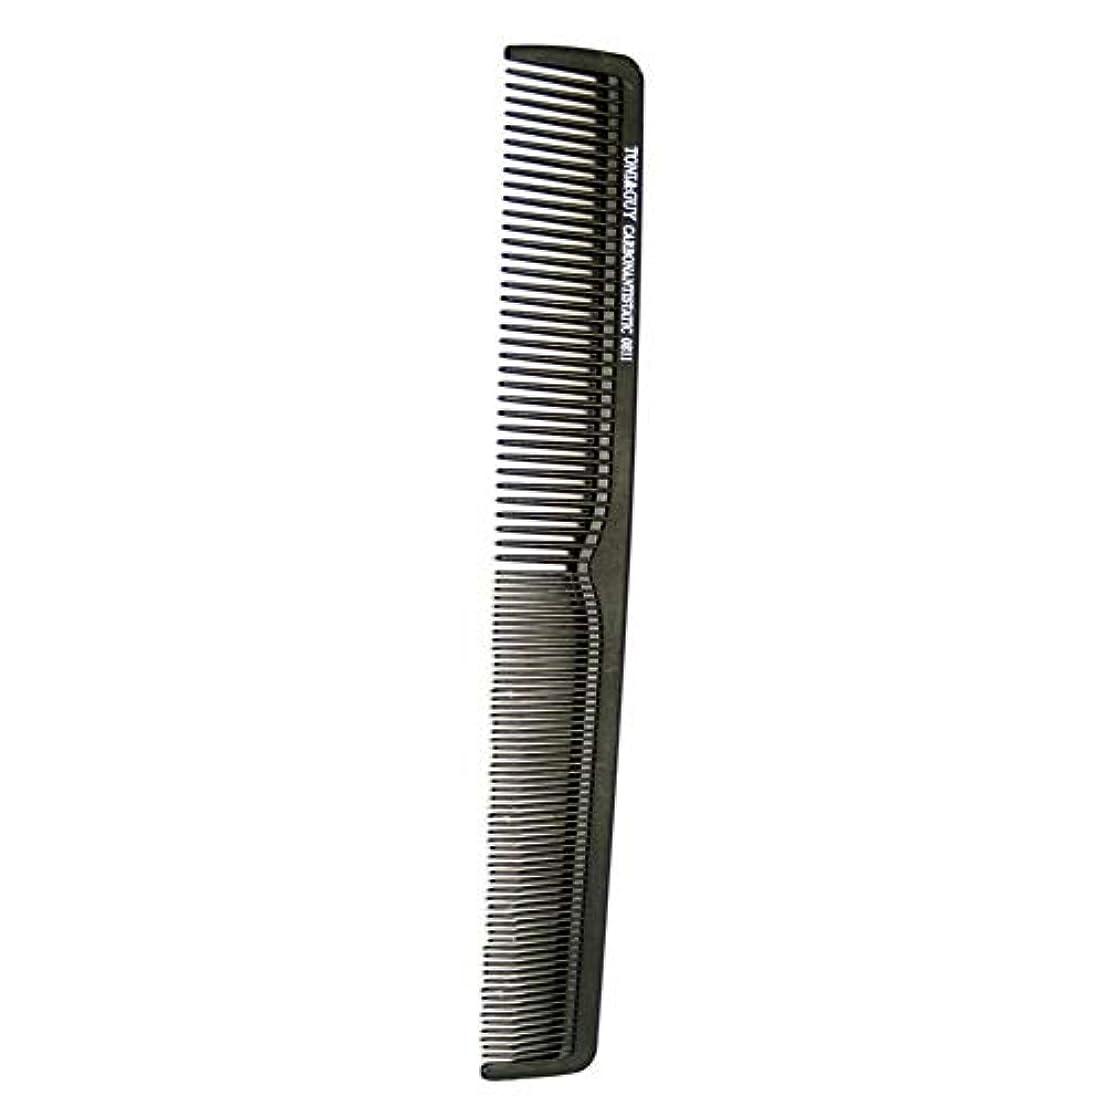 嫌がらせ人工的なタックSILUN 黒鋼針くし 耐熱 帯電防止 理髪コーム人気 スタイリングコーム 静電気防止 散髪店/美容院専用櫛